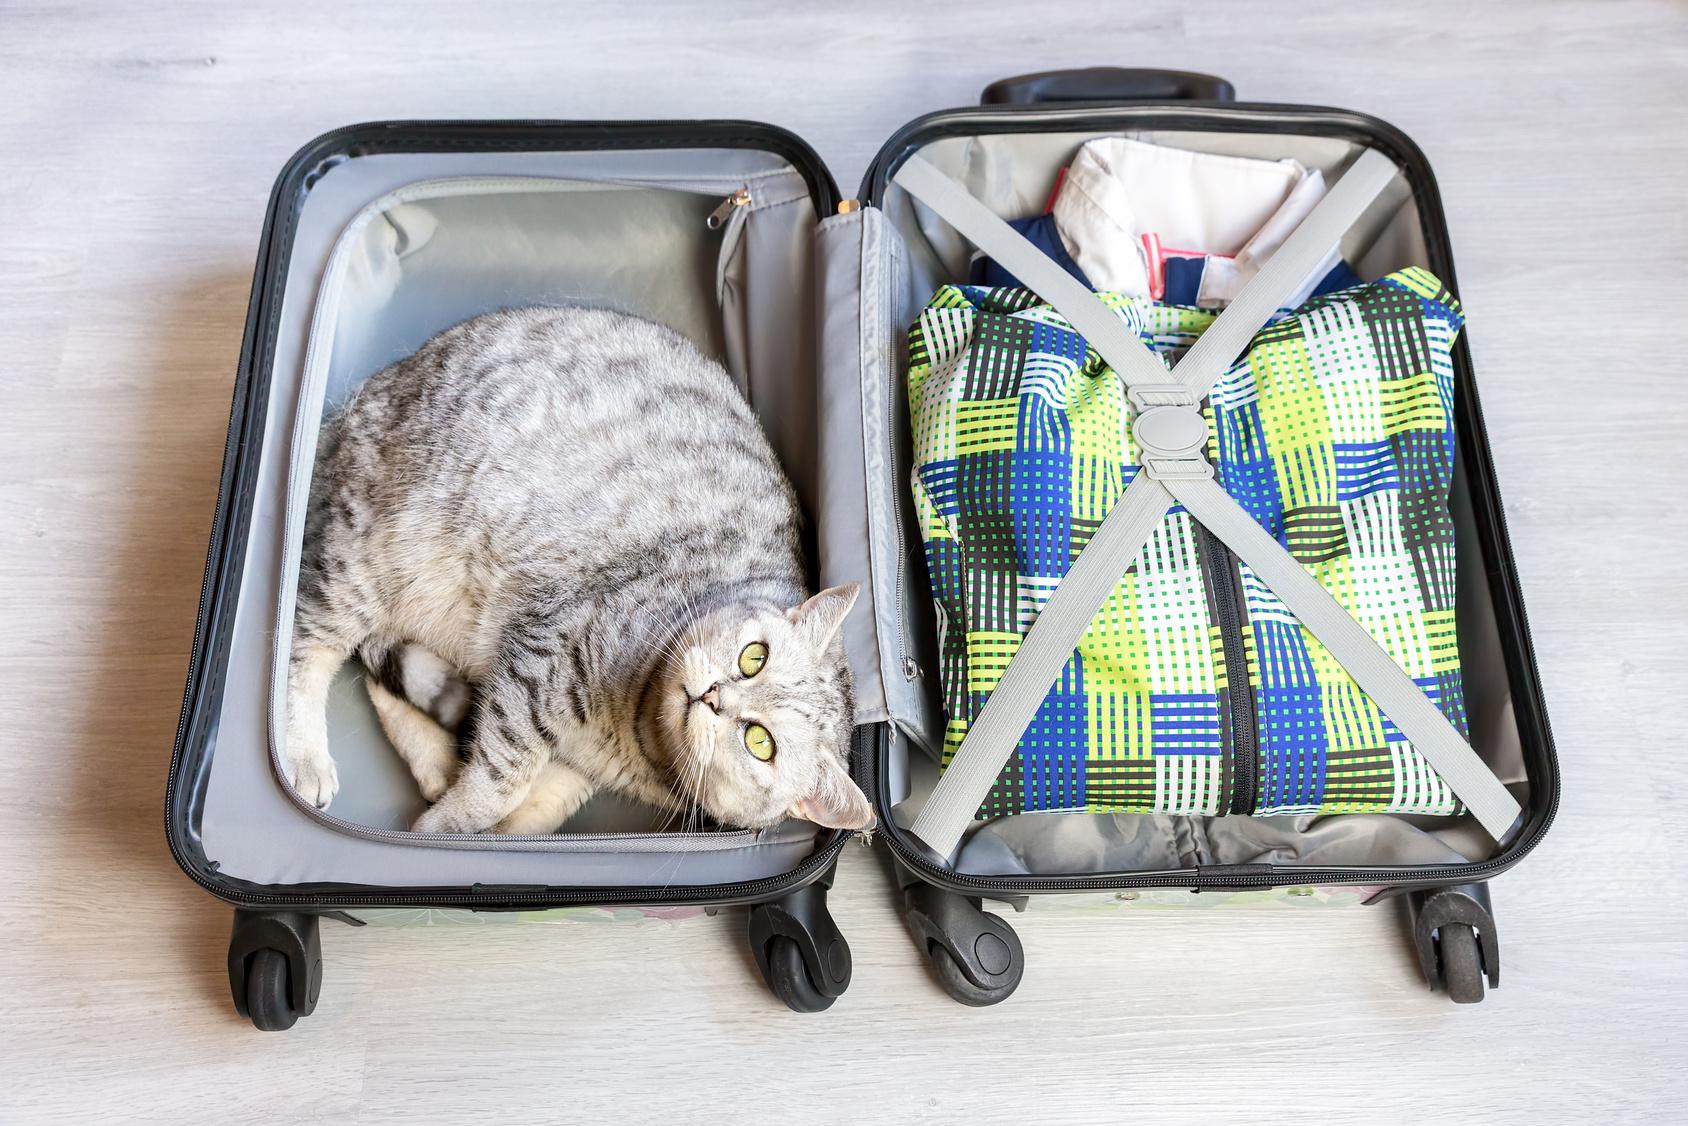 猫を飛行機に乗せる前に…しておいてあげたい準備とケア